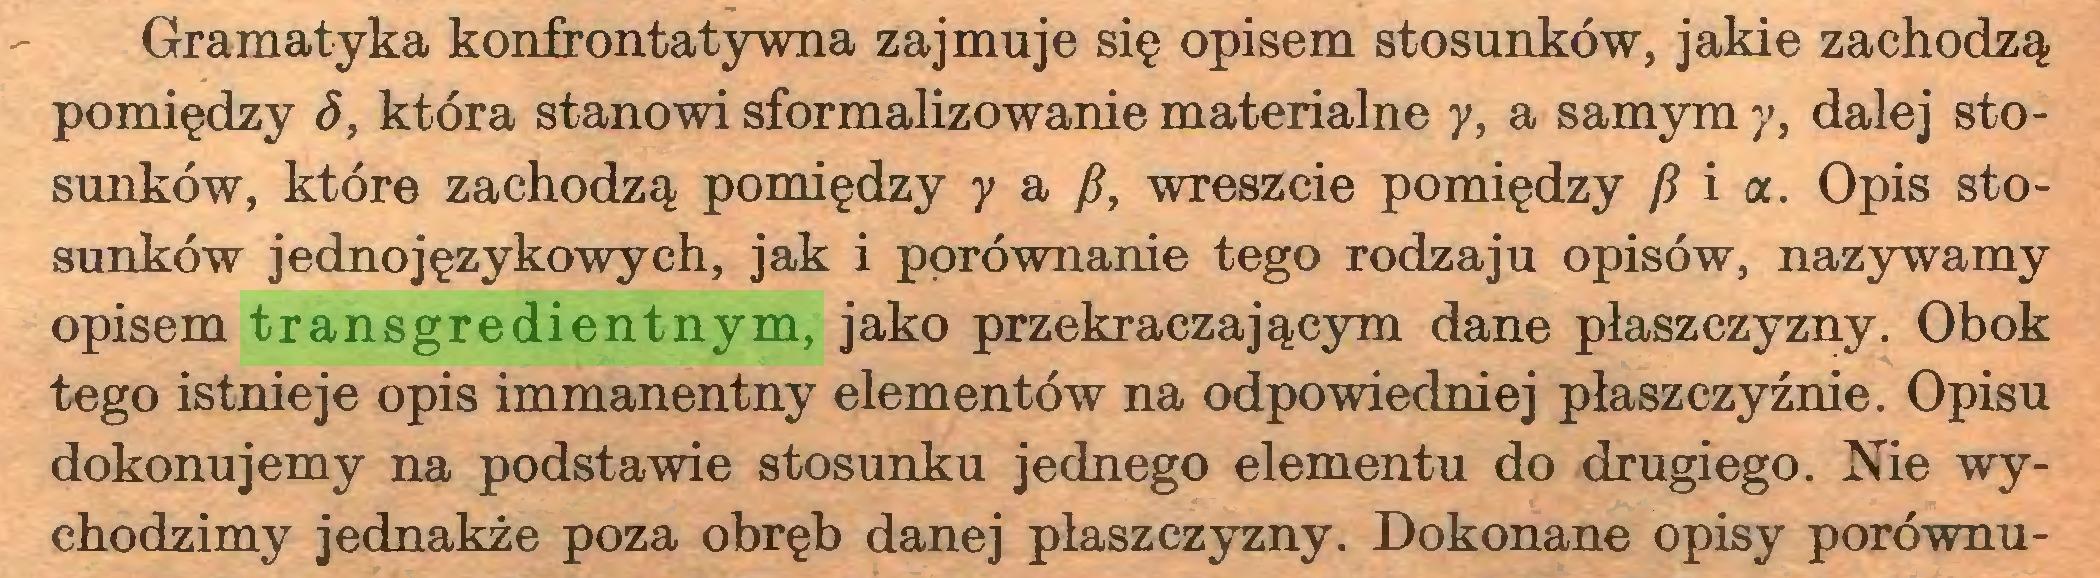 (...) Gramatyka konfrontatywna zajmuje się opisem stosunków, jakie zachodzą pomiędzy S, która stanowi sformalizowanie materialne y, a samym y, dalej stosunków, które zachodzą pomiędzy y a fi, wreszcie pomiędzy fi i a. Opis stosunków jedno językowych, jak i porównanie tego rodzaju opisów, nazywamy opisem transgredientnym, jako przekraczającym dane płaszczyzny. Obok tego istnieje opis immanentny elementów na odpowiedniej płaszczyźnie. Opisu dokonujemy na podstawie stosunku jednego elementu do drugiego. Nie wychodzimy jednakże poza obręb danej płaszczyzny. Dokonane opisy porównu...